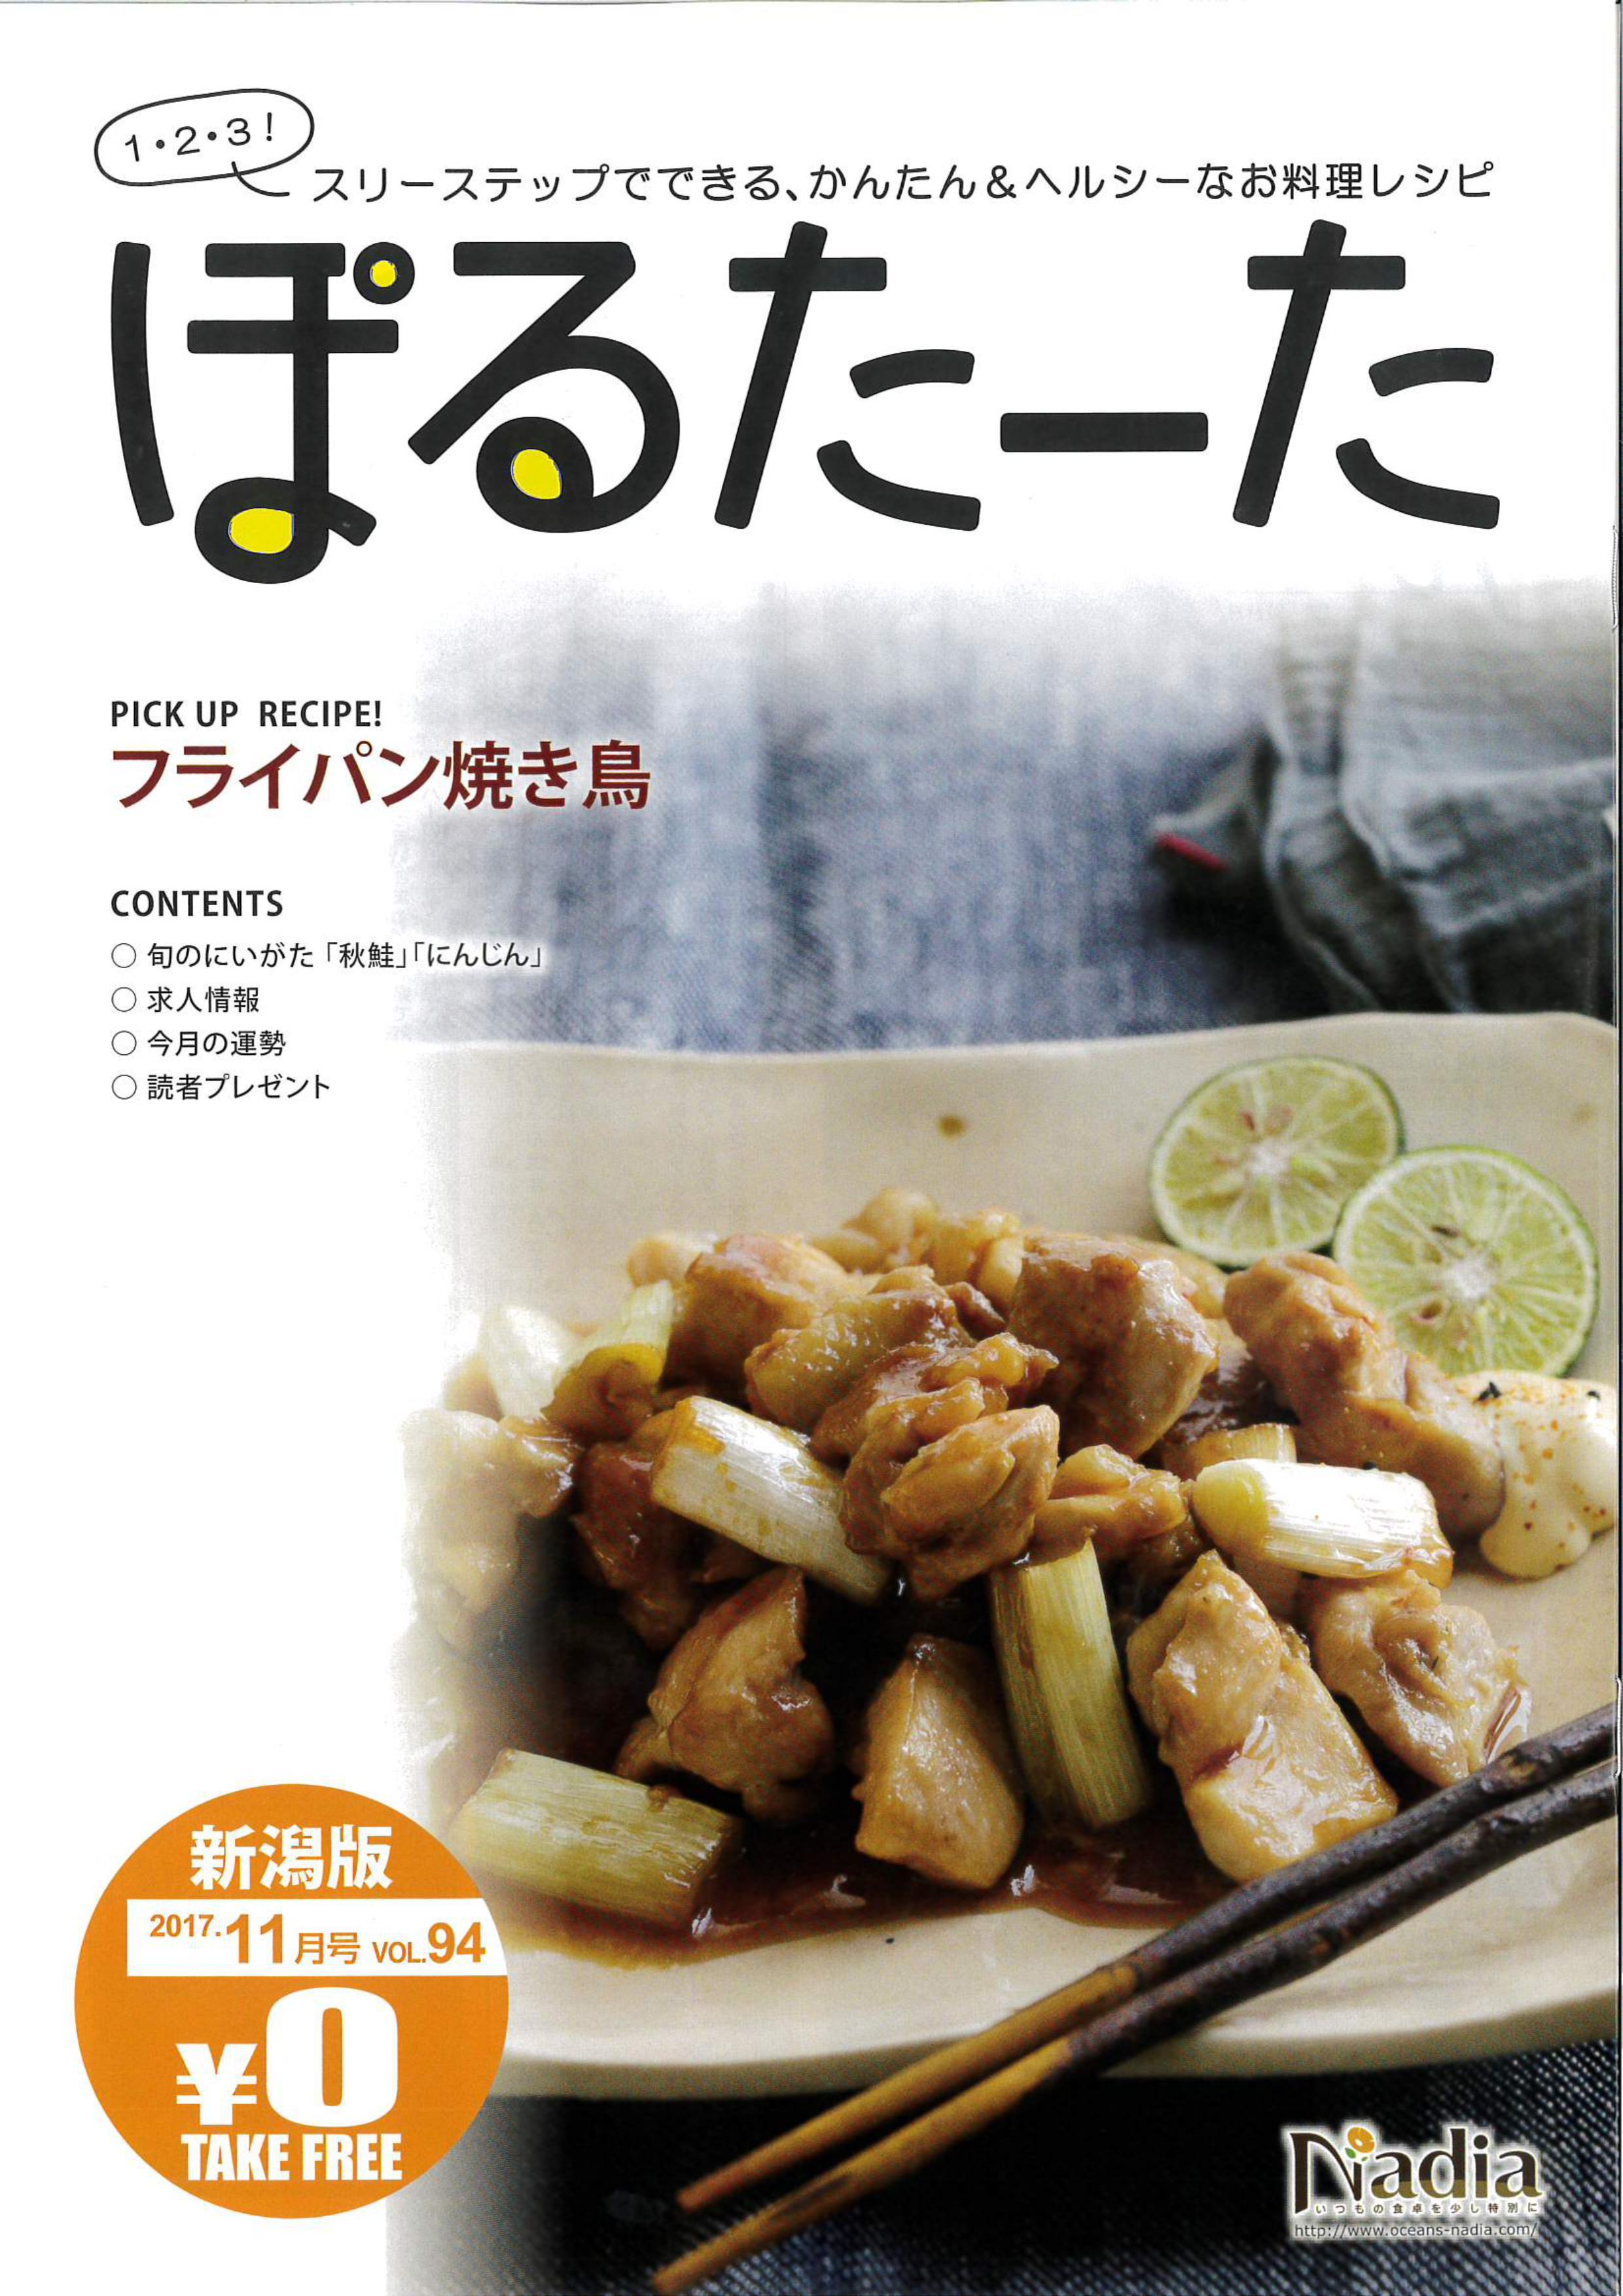 栁川かおり:フリーペーパー「ぽるたーたVOL.94(11月号)」にレシピが掲載されました